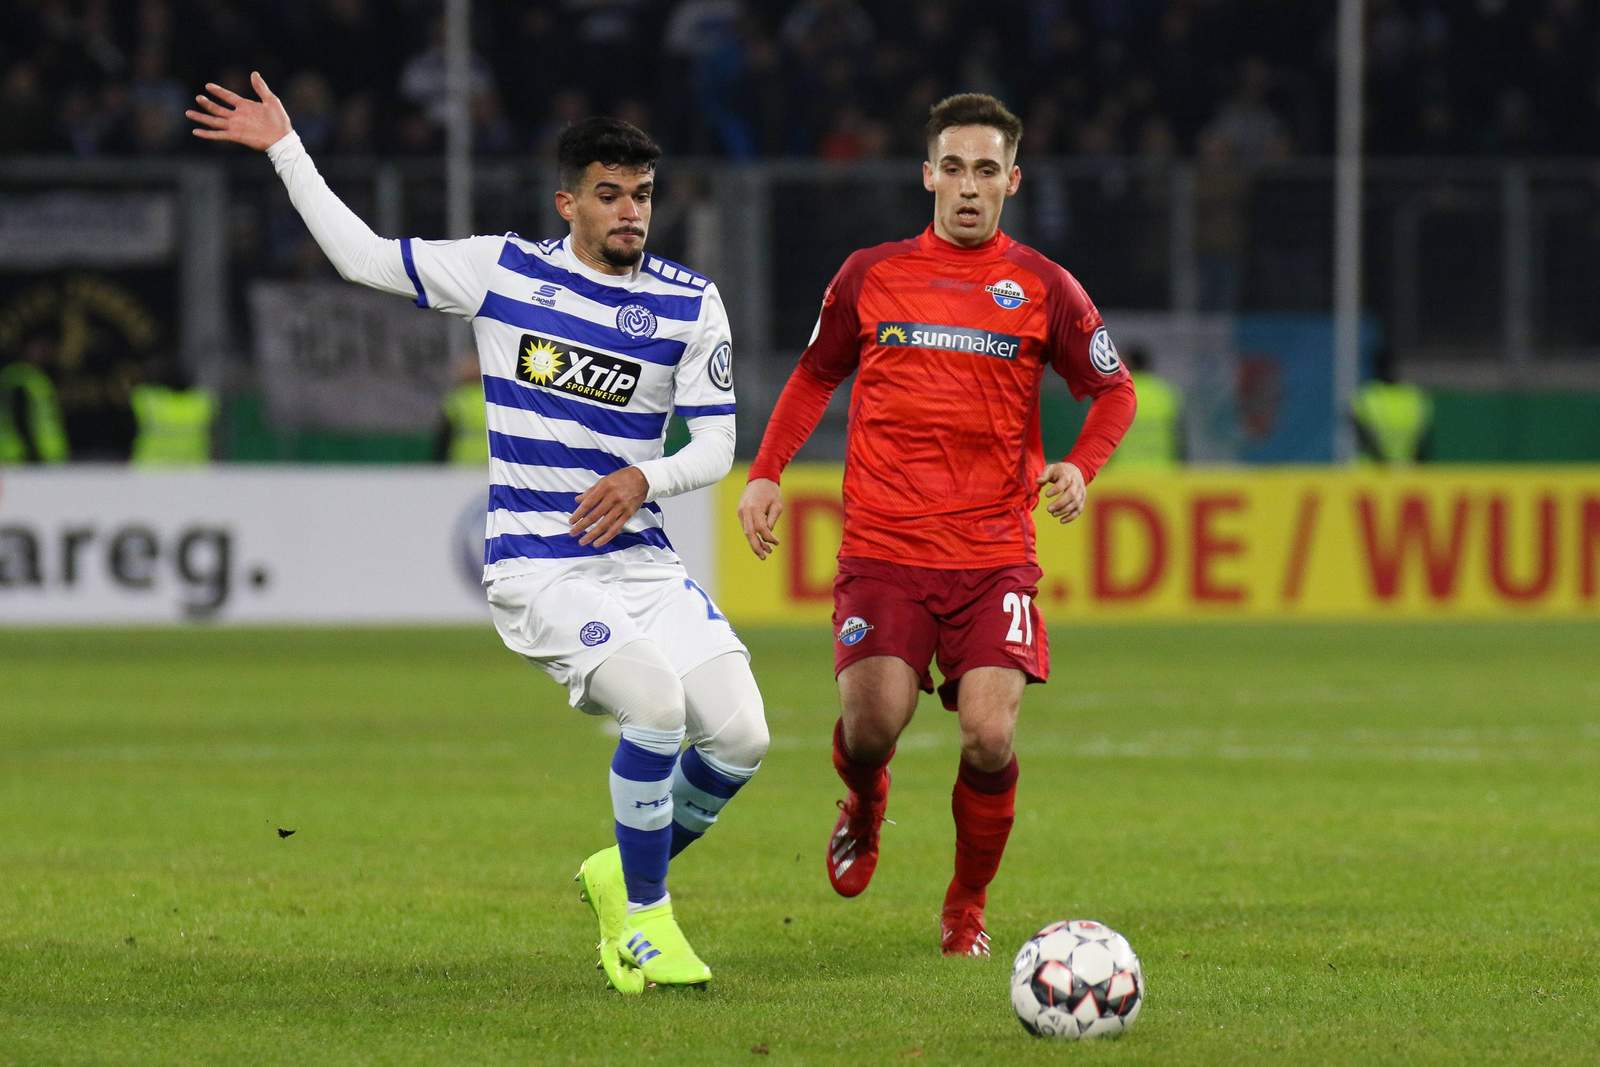 Cauly vom MSV Duisburg gegen Philipp Klement vom SC Paderborn